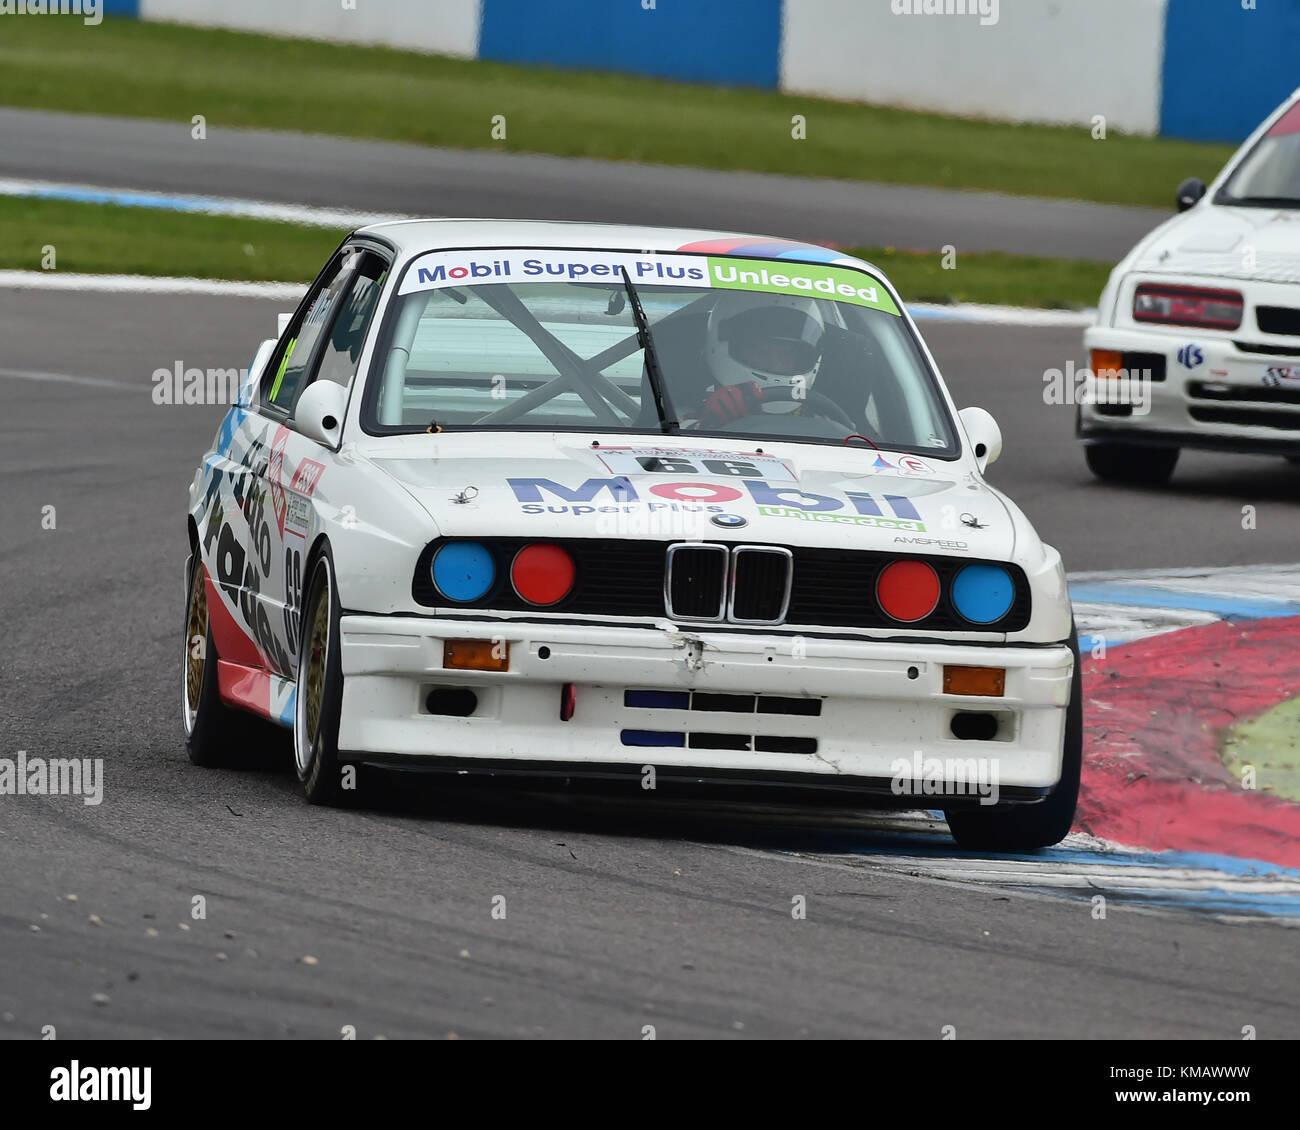 2000 Bmw M3: Bmw E30 M3 Stock Photos & Bmw E30 M3 Stock Images